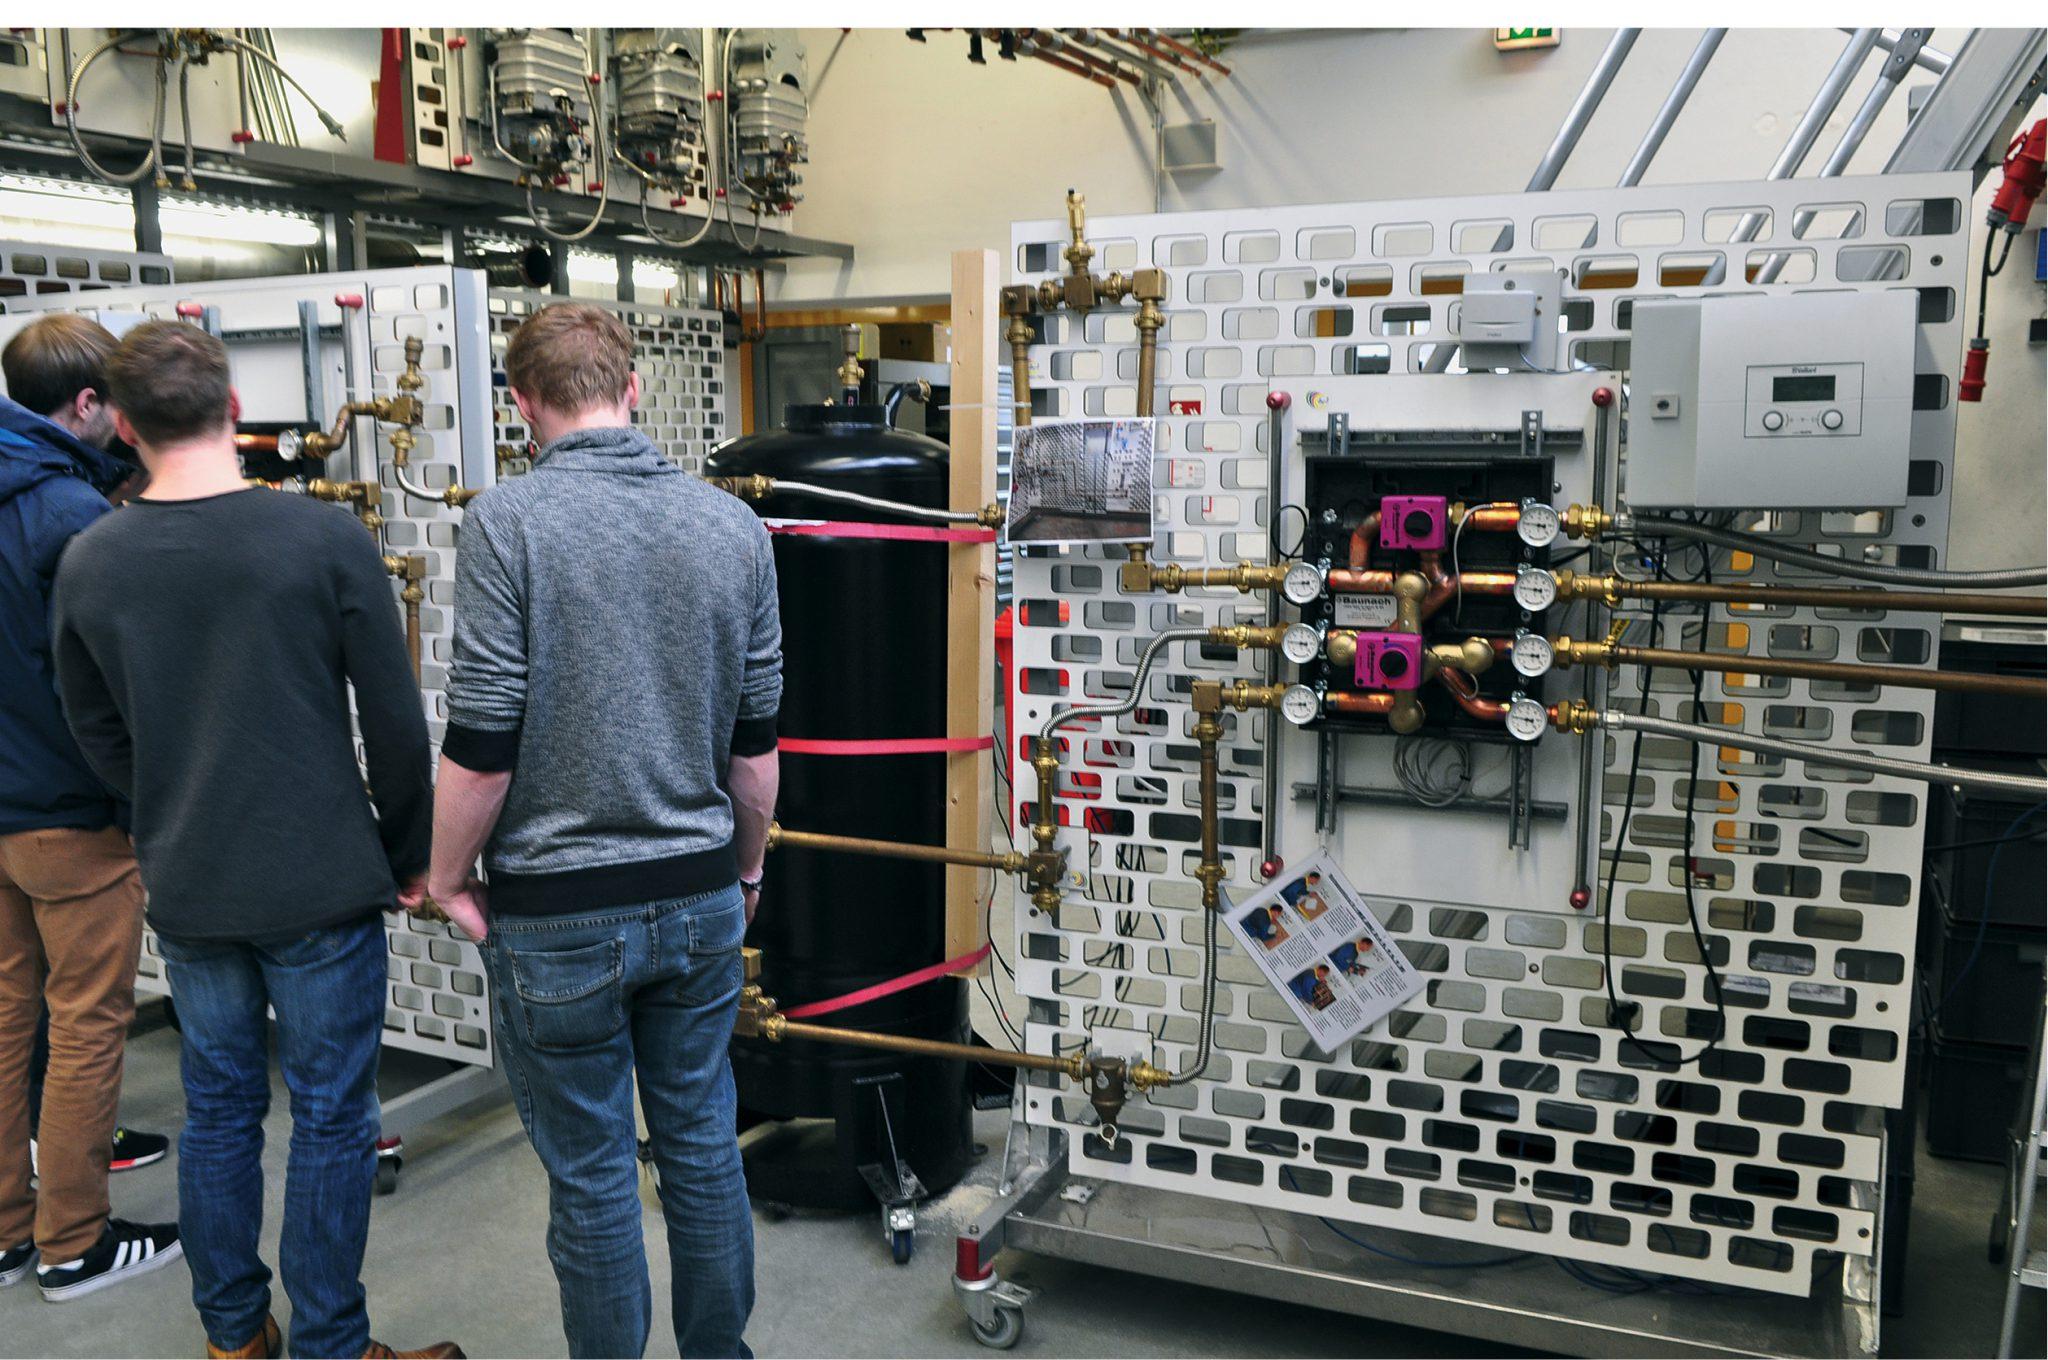 Versuchsaufbau Zweizonen-Be- und Entladung mit Mehrwegemischer, Handwerkskammer Arnsberg